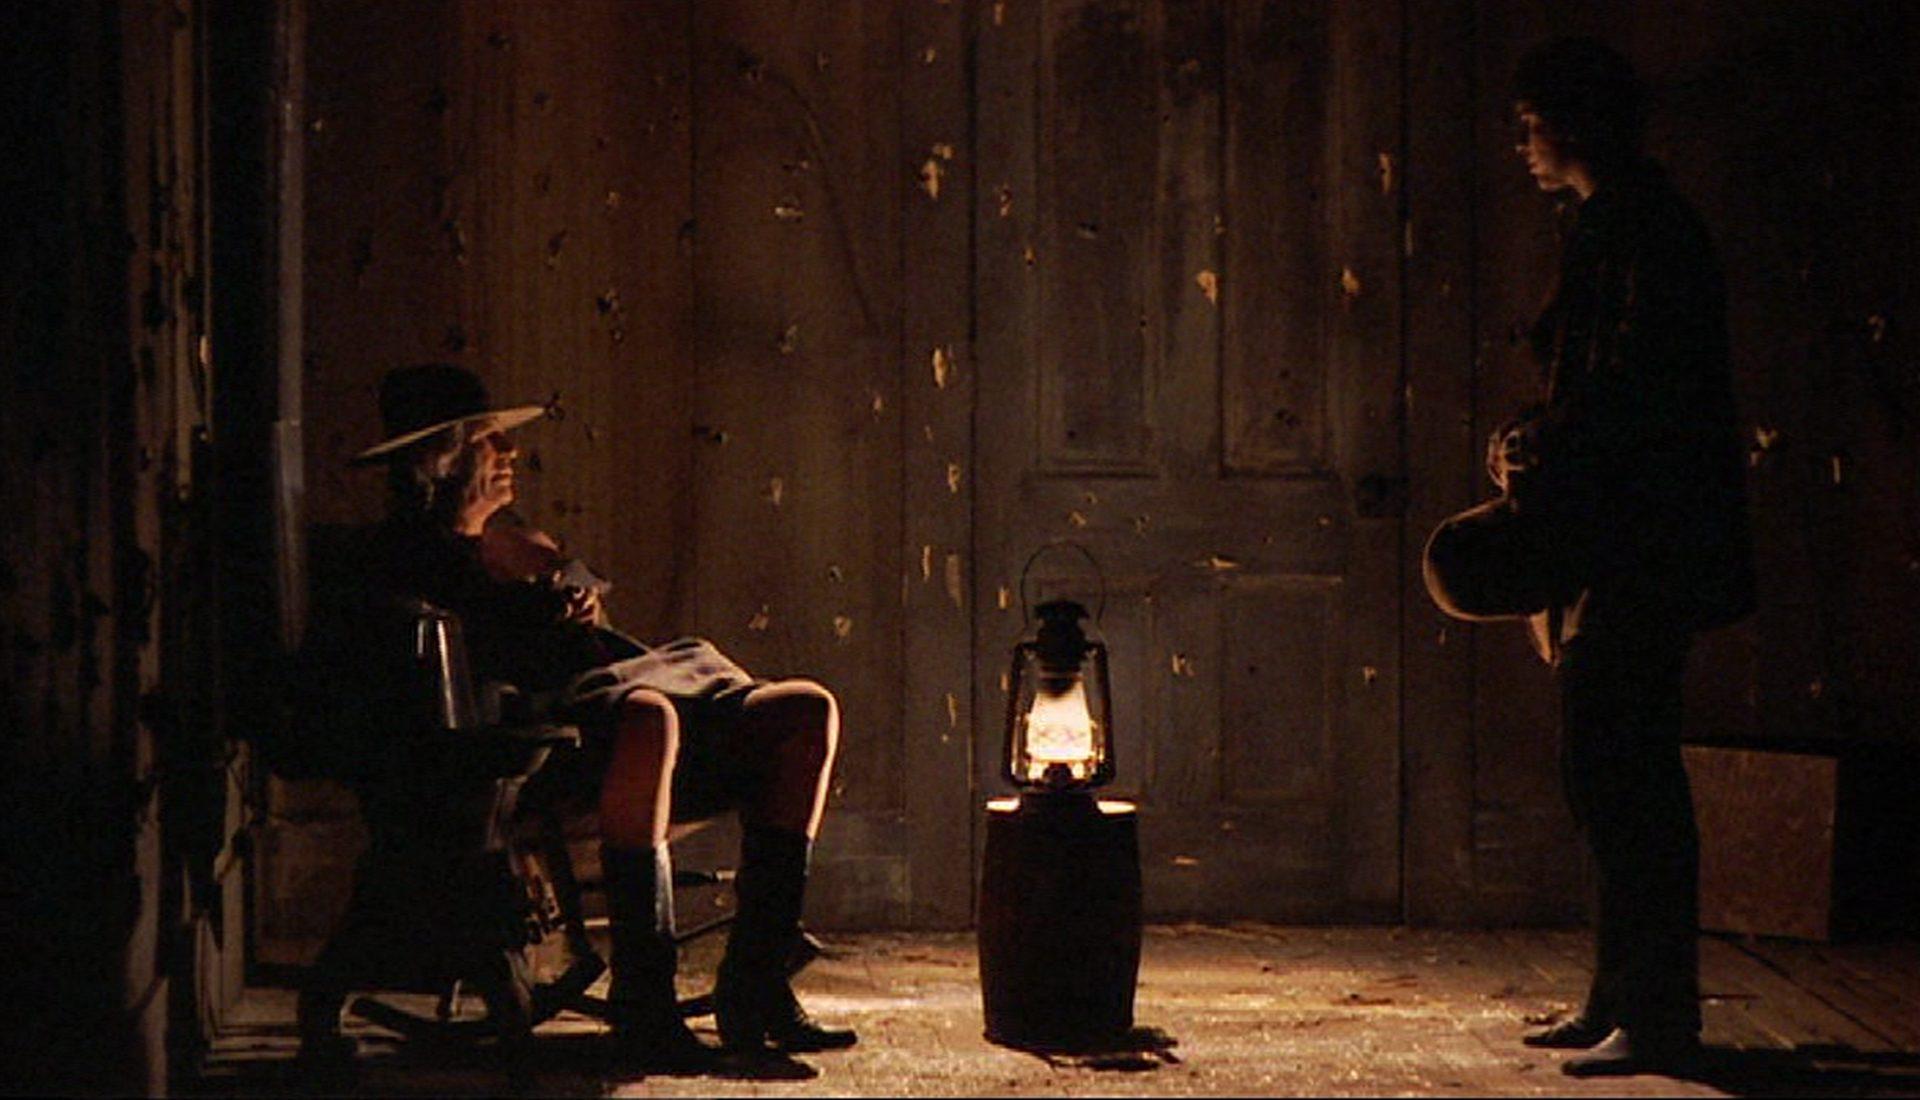 Blick in den düsteren Raum einer Holzhütte, in dem sich der Sheriff und ein junger Bandit gegenüberstehen.